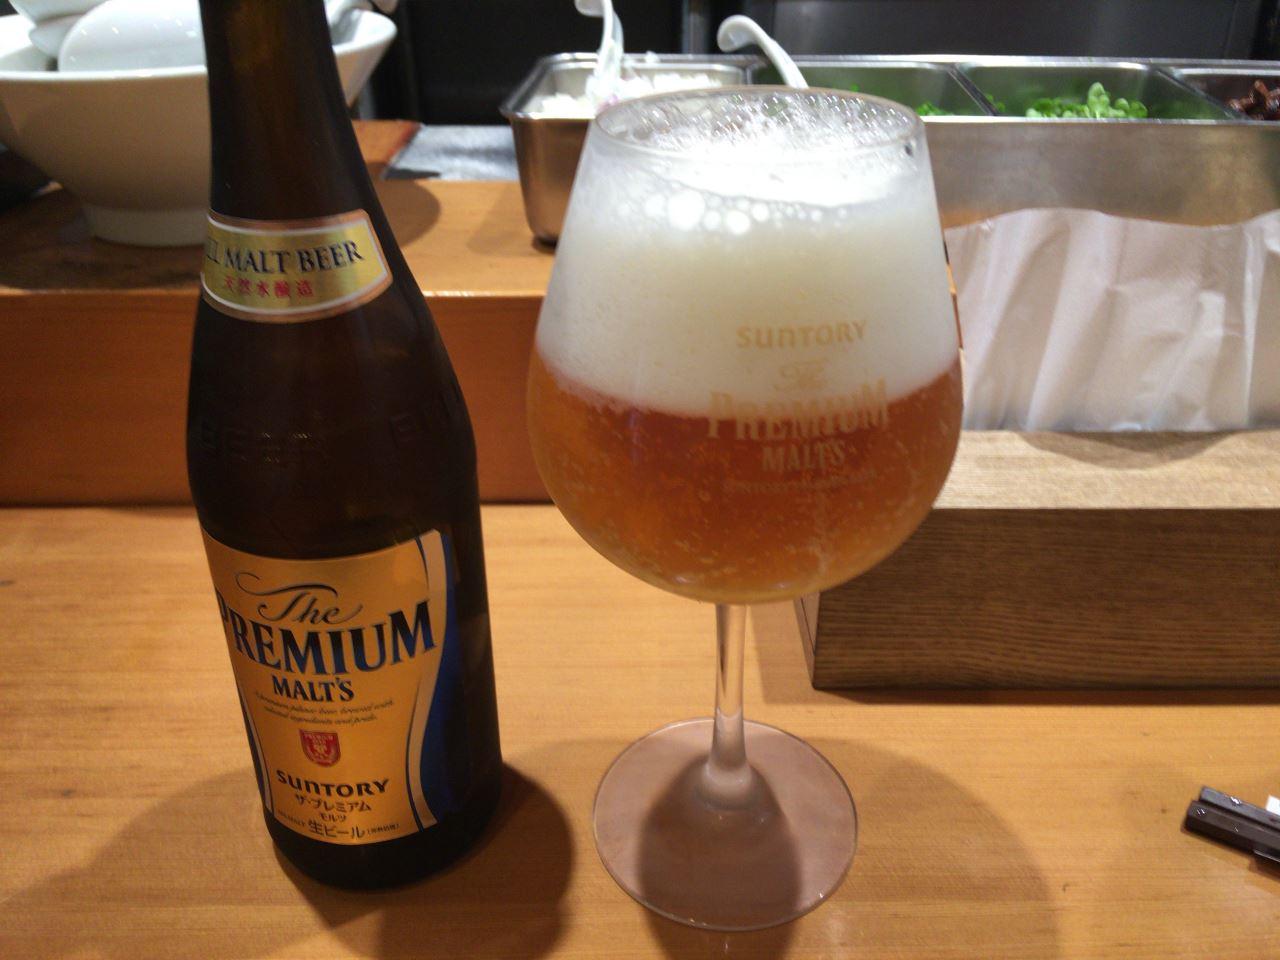 竹末東京プレミアム のビールはプレミアムモルツ600円